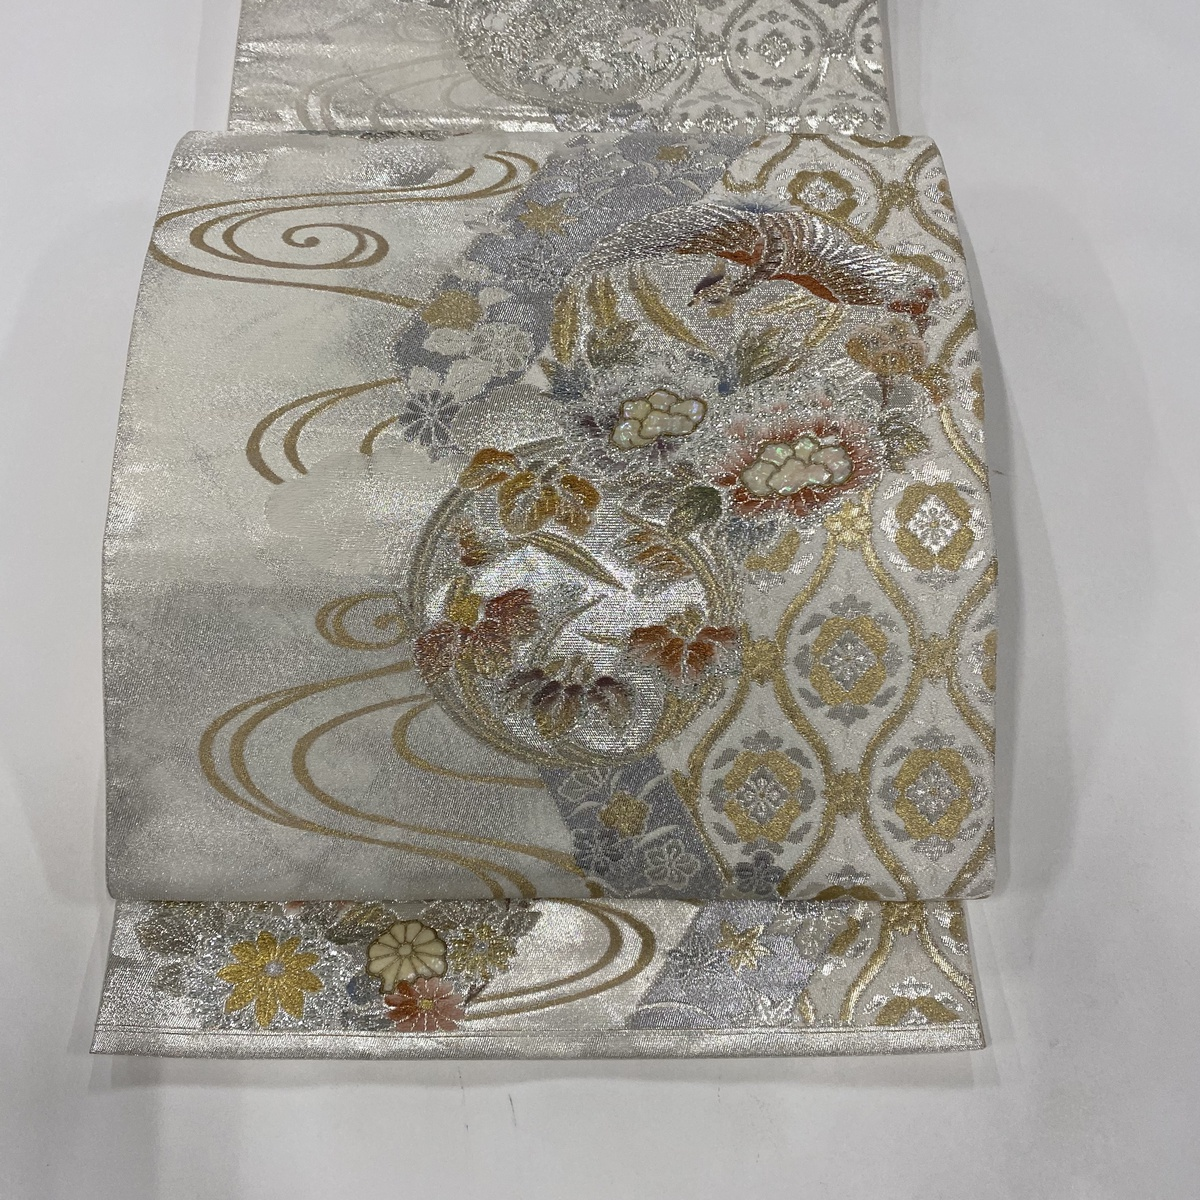 袋帯 美品 秀品 華文 鳳凰 螺鈿 銀糸 銀色 お太鼓柄 正絹 【中古】